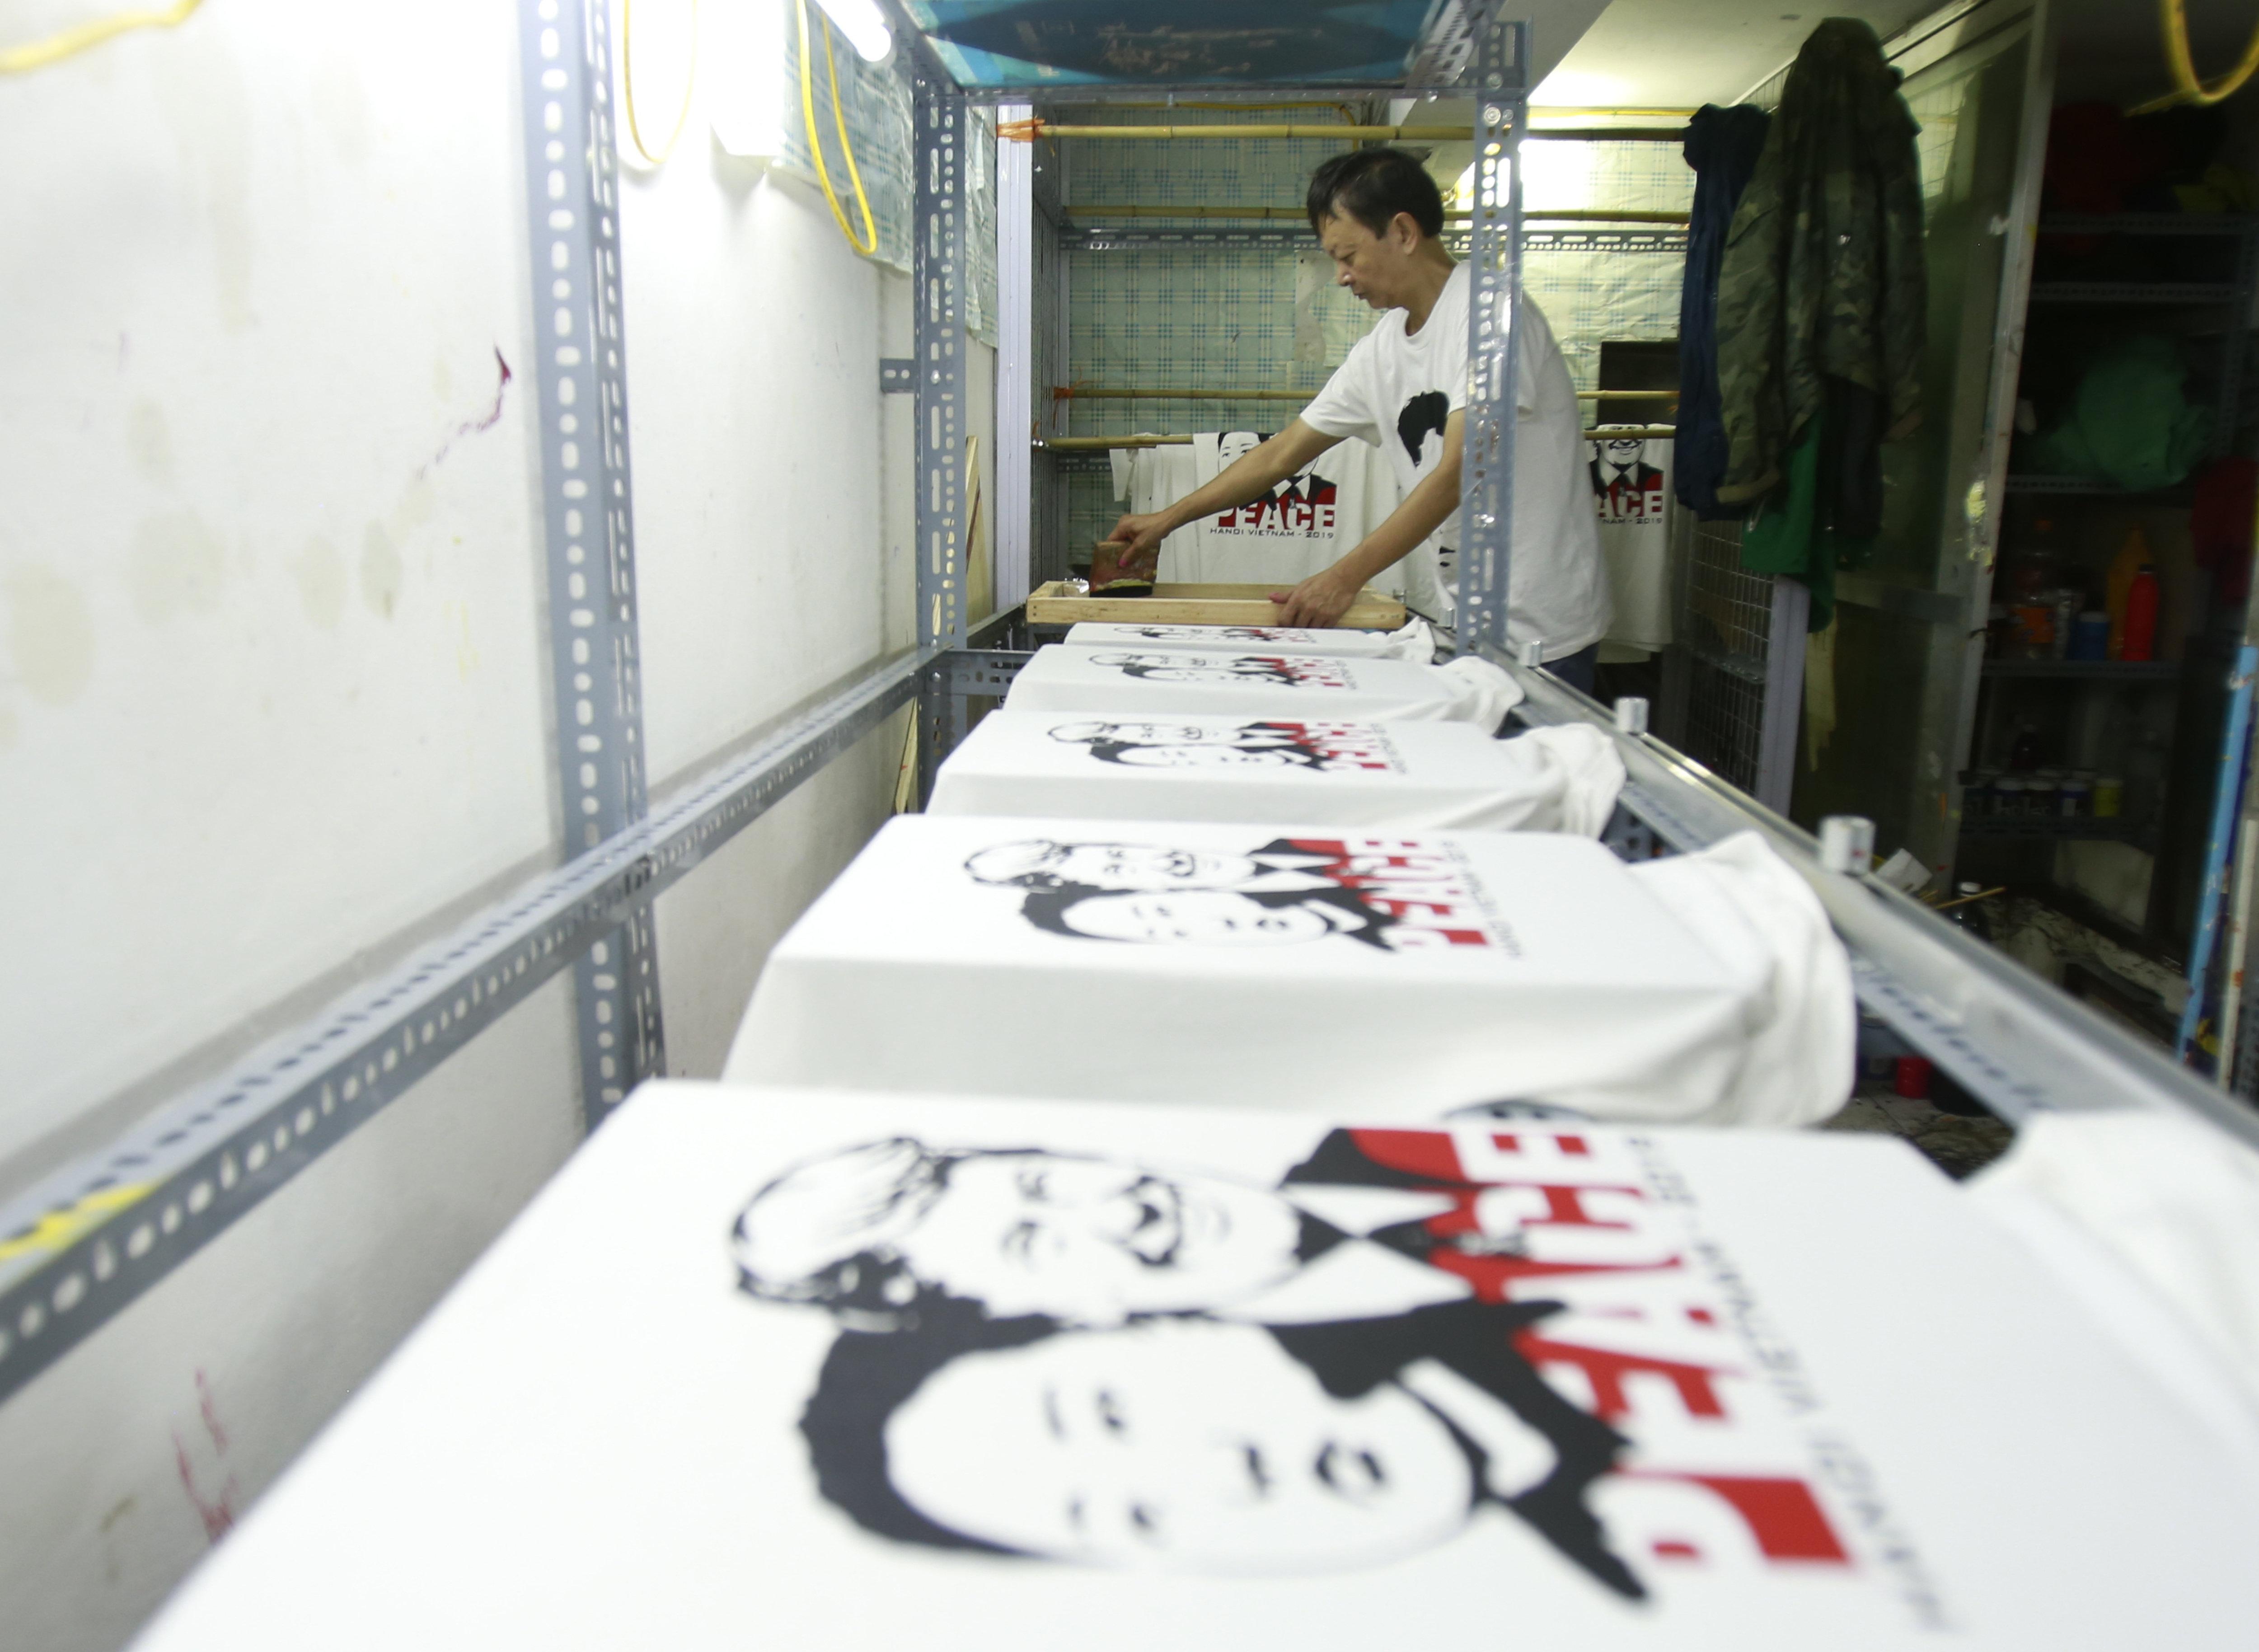 Taller de impresión de camisetas de Truong Thanh Duc en la calle Hang Bong, donde se imprimen más de 300 unidades por día